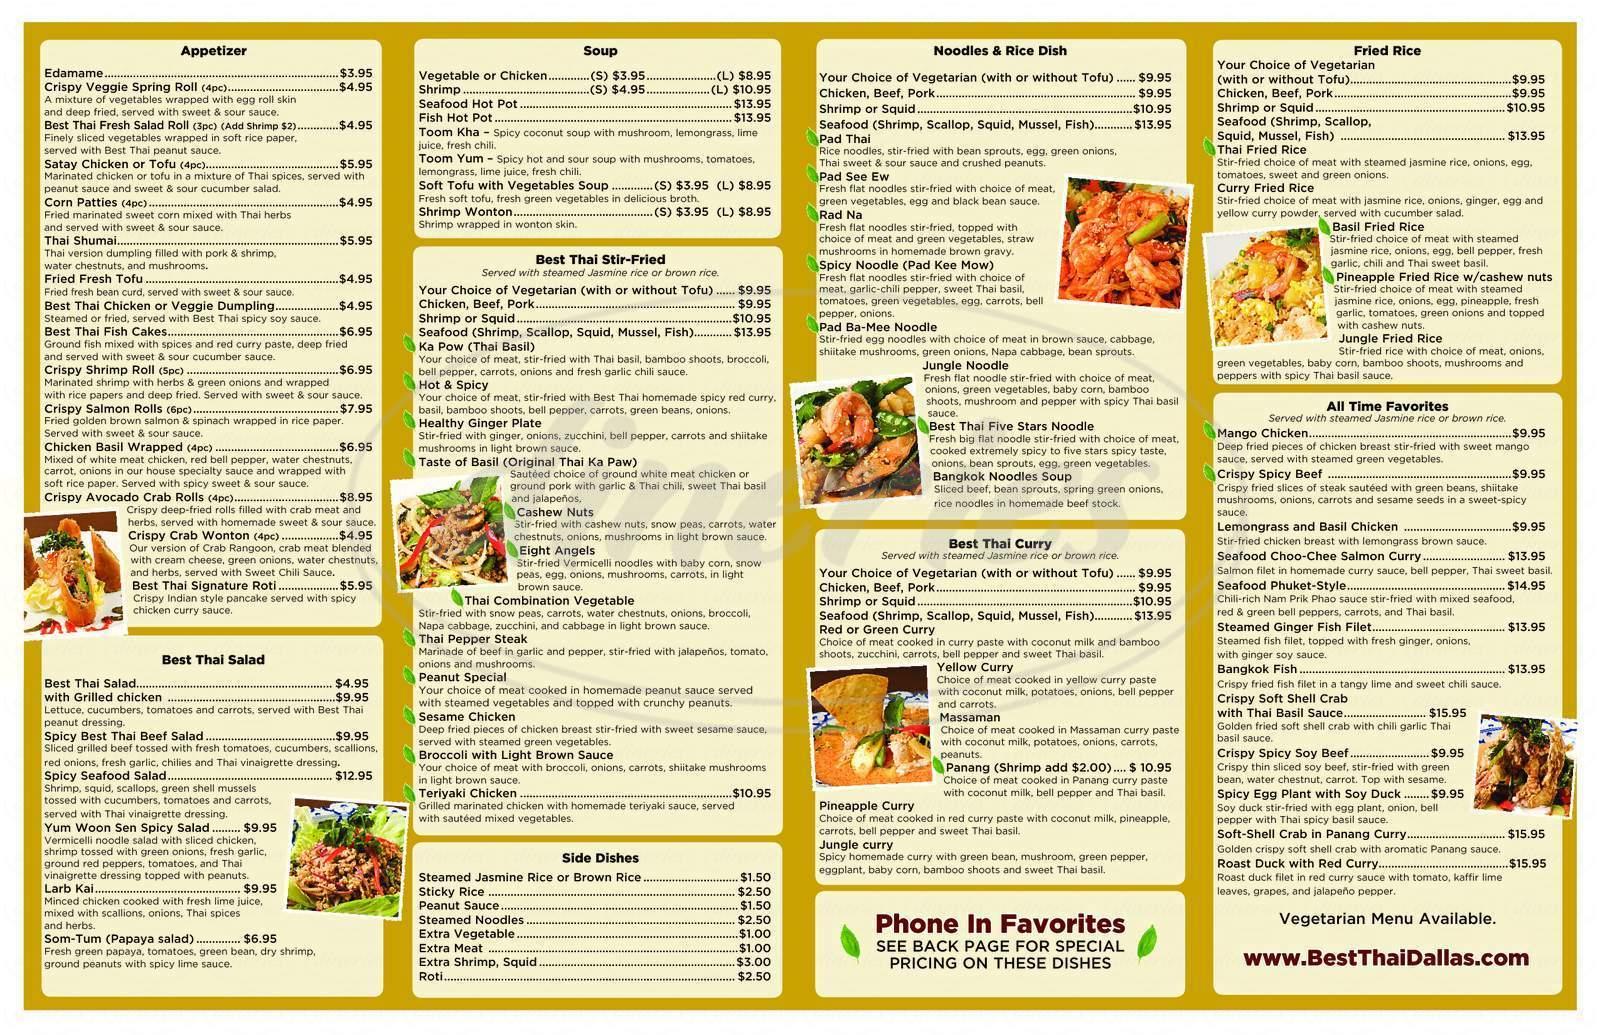 menu for Best Thai Signature